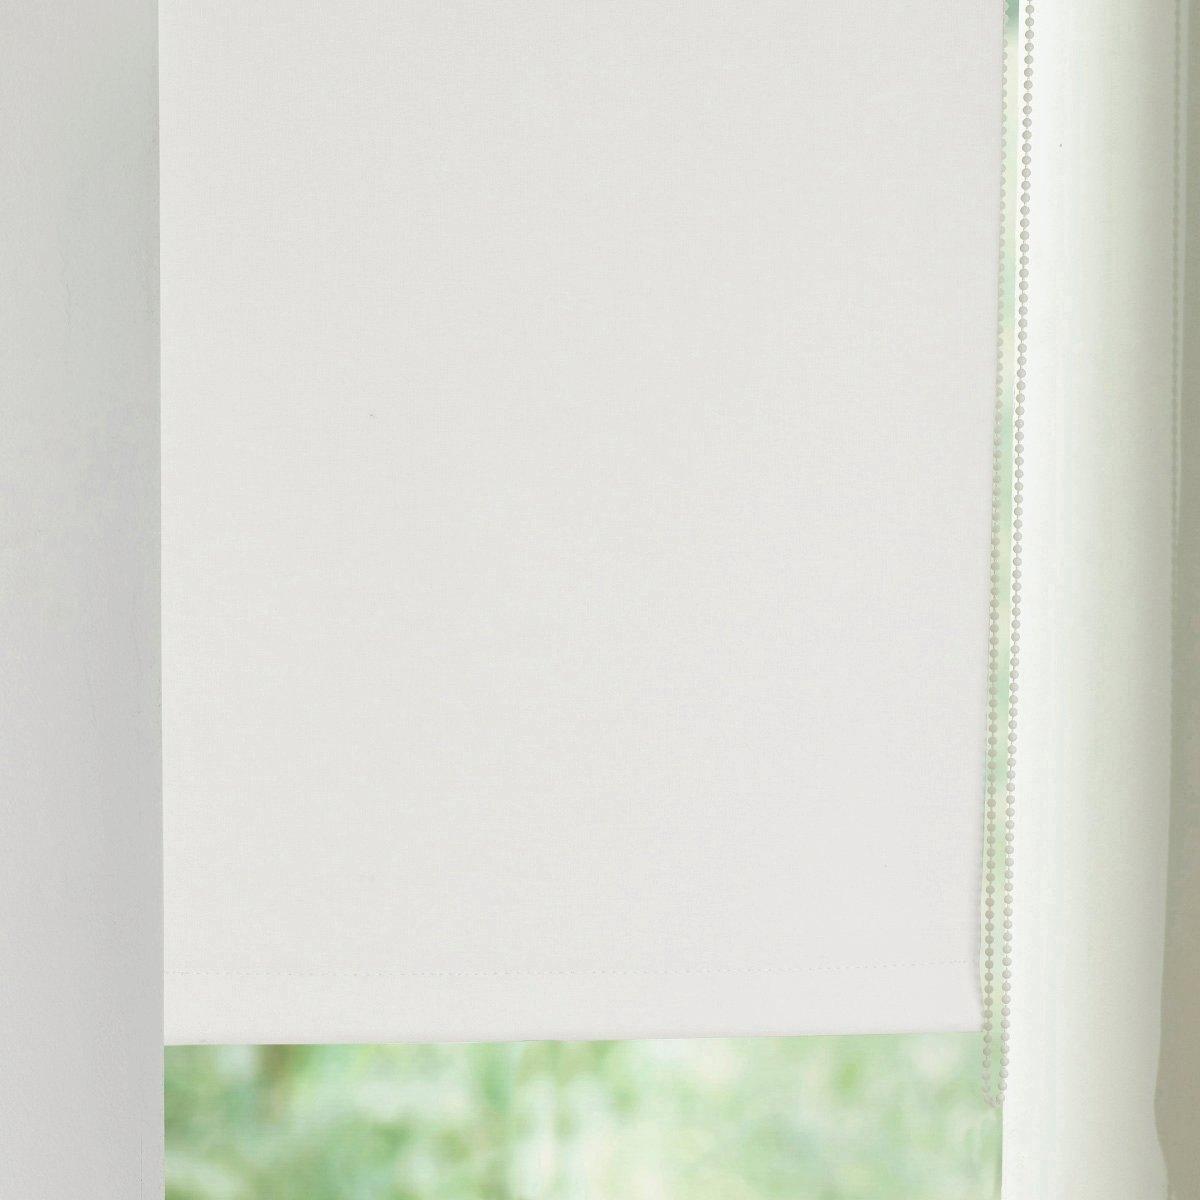 Штора рулонная, затемняющая, широкаяХарактеристики затемняющей рулонной шторы :Плотная ткань из 100% полиэстера. Тяжелая рейка внизу.Для всех типов окон.Инновационная система фиксации без сверления и винтов для окон большой ширины от 52 до 107 см, подходит для окон из ПВХ.Длина регулируется механизмом с цепочкой.Можно отрезать по ширине.Высота: 170 см.Набор креплений для деревянных и алюминиевых окон не входит в комплект.Сертификат Oeko-Tex® дает гарантию того, что товары изготовлены без применения химических средств и не представляют опасности для здоровья человека.<br><br>Цвет: белый,красный,розовый,серо-бежевый,серо-коричневый каштан,серо-синий,серый мышиный,сине-зеленый,черный,ярко-фиолетовый<br>Размер: 170 x 62 см.170 x 67 см.170 x 62 см.170 x 107 см